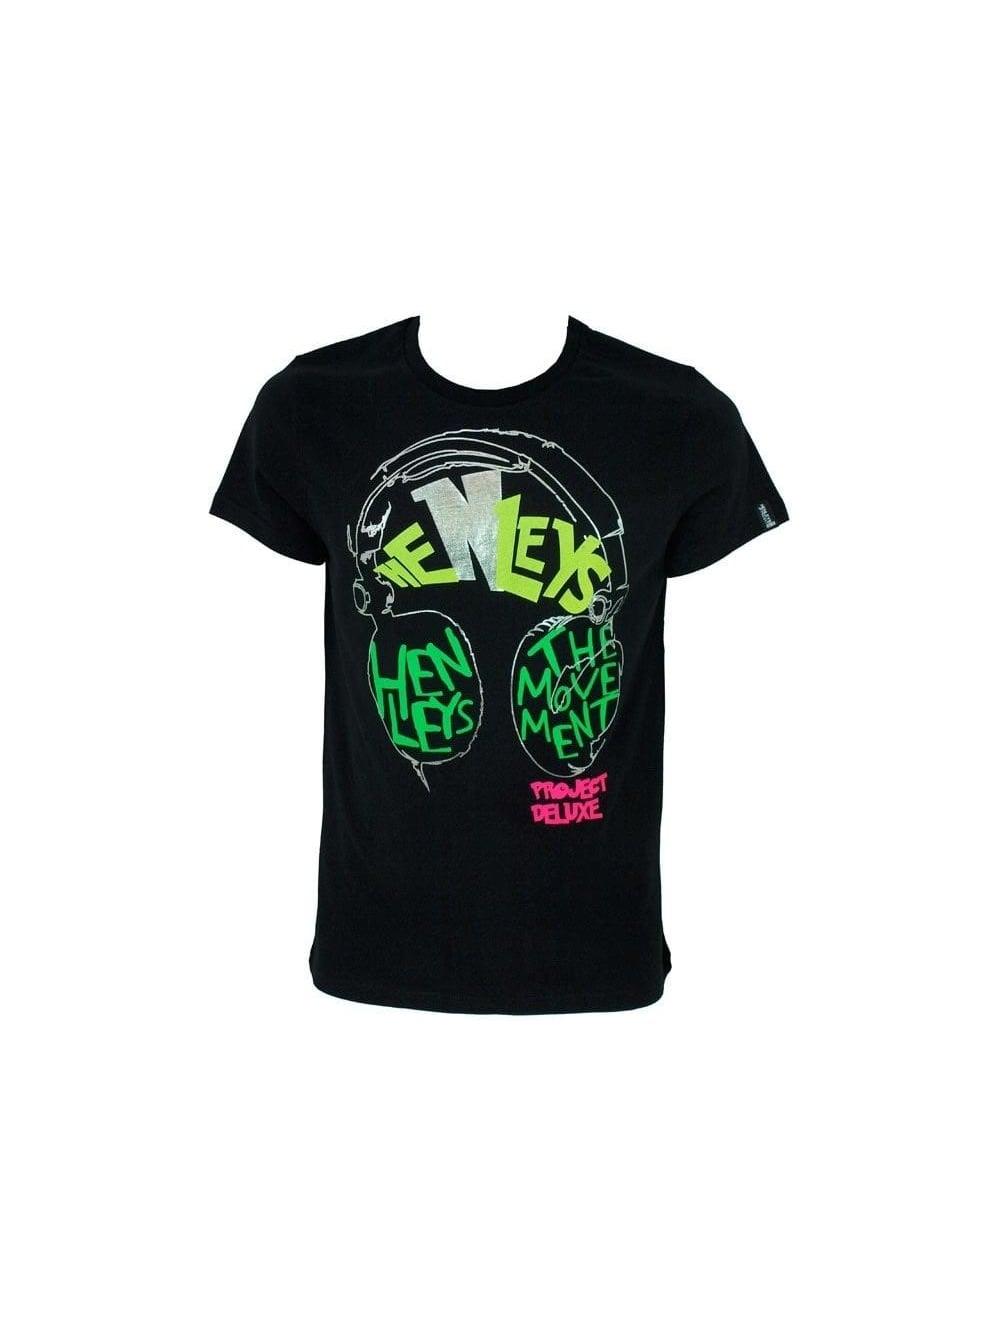 192d4118087 Henleys - Henleys Stelio Print T-Shirt - Black - Henleys Mens ...